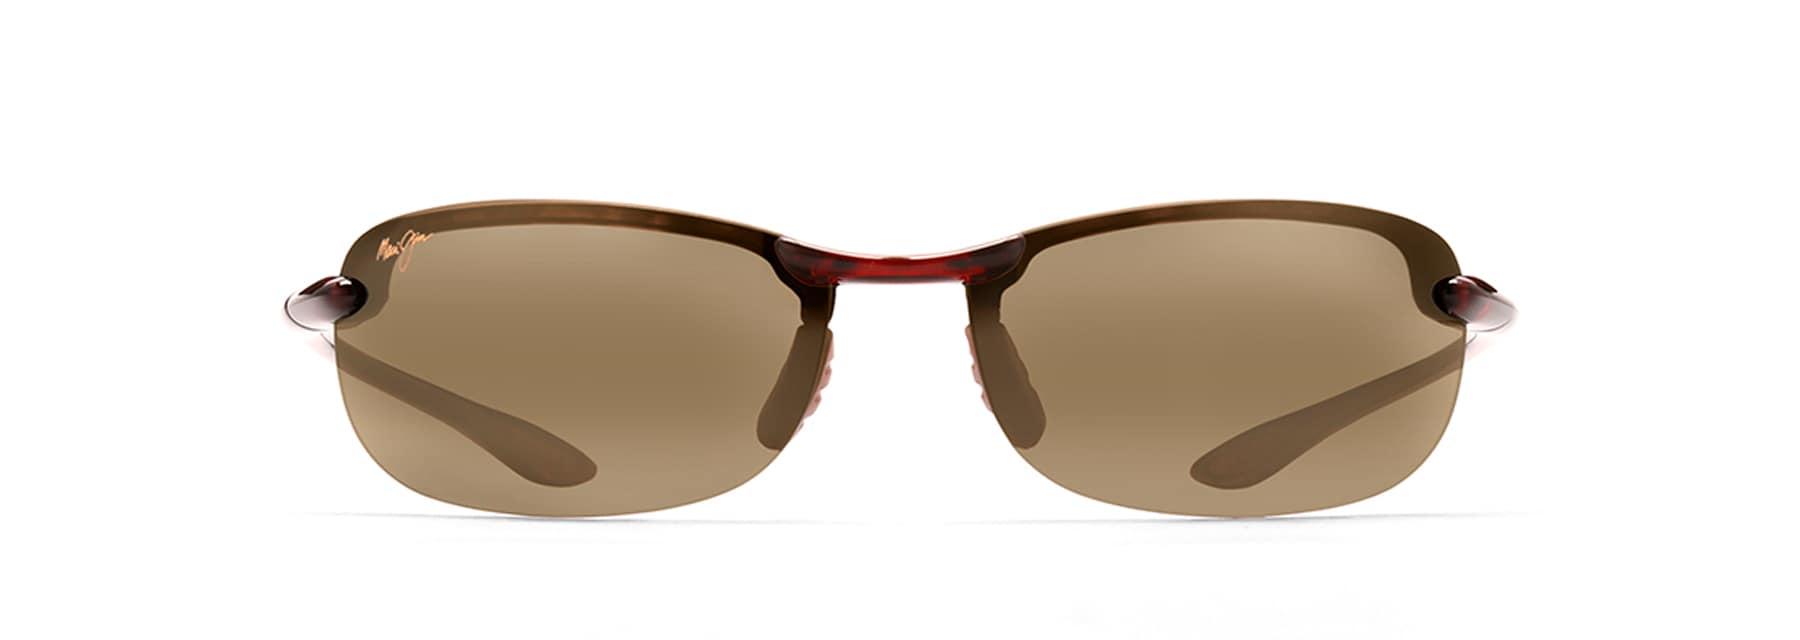 e8ef5fee653 Makaha Polarized Sunglasses | Maui Jim®